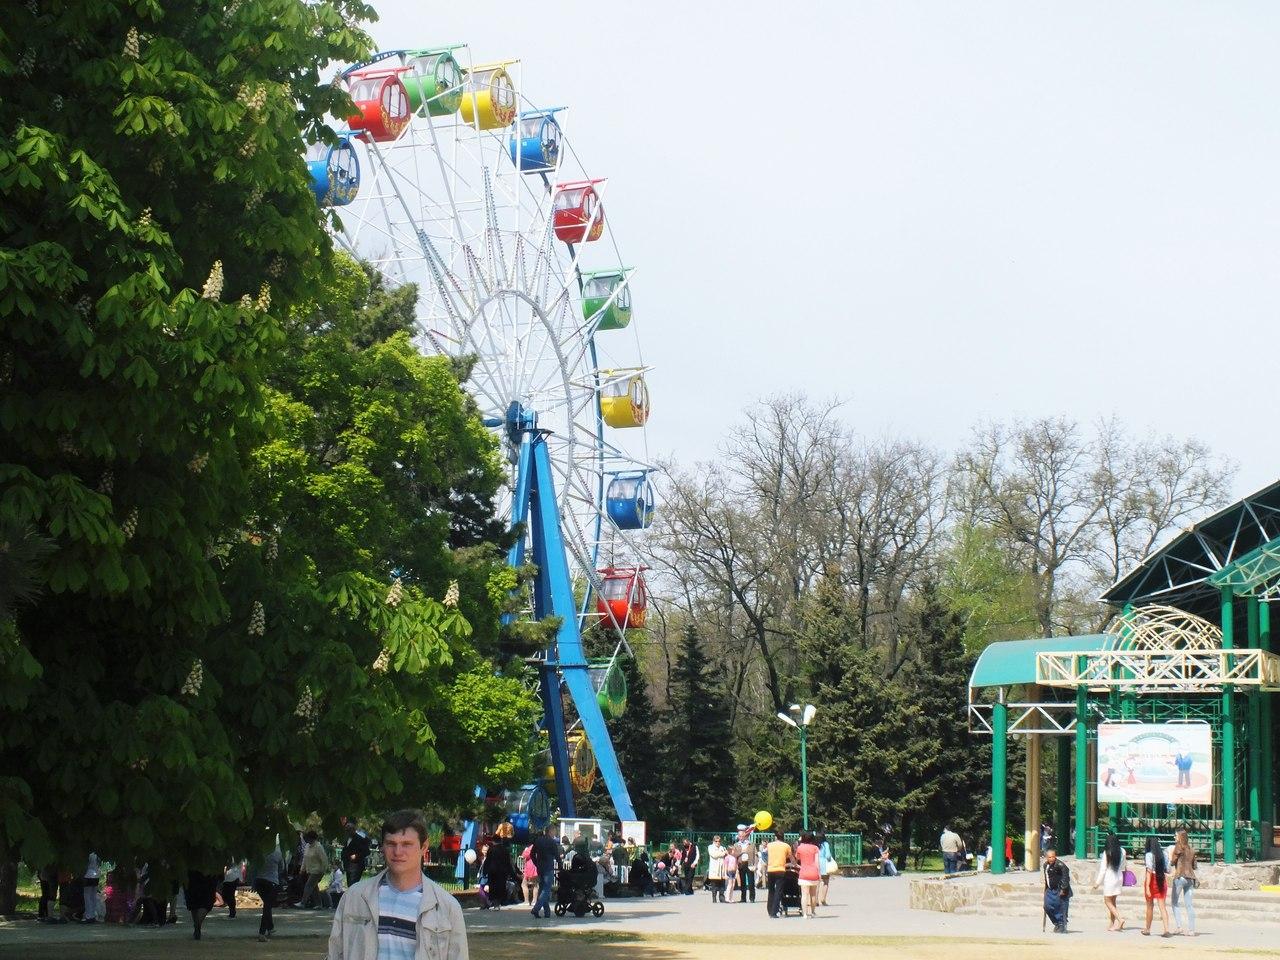 С 28 апреля по 2 мая в Таганроге пройдут культурные мероприятия